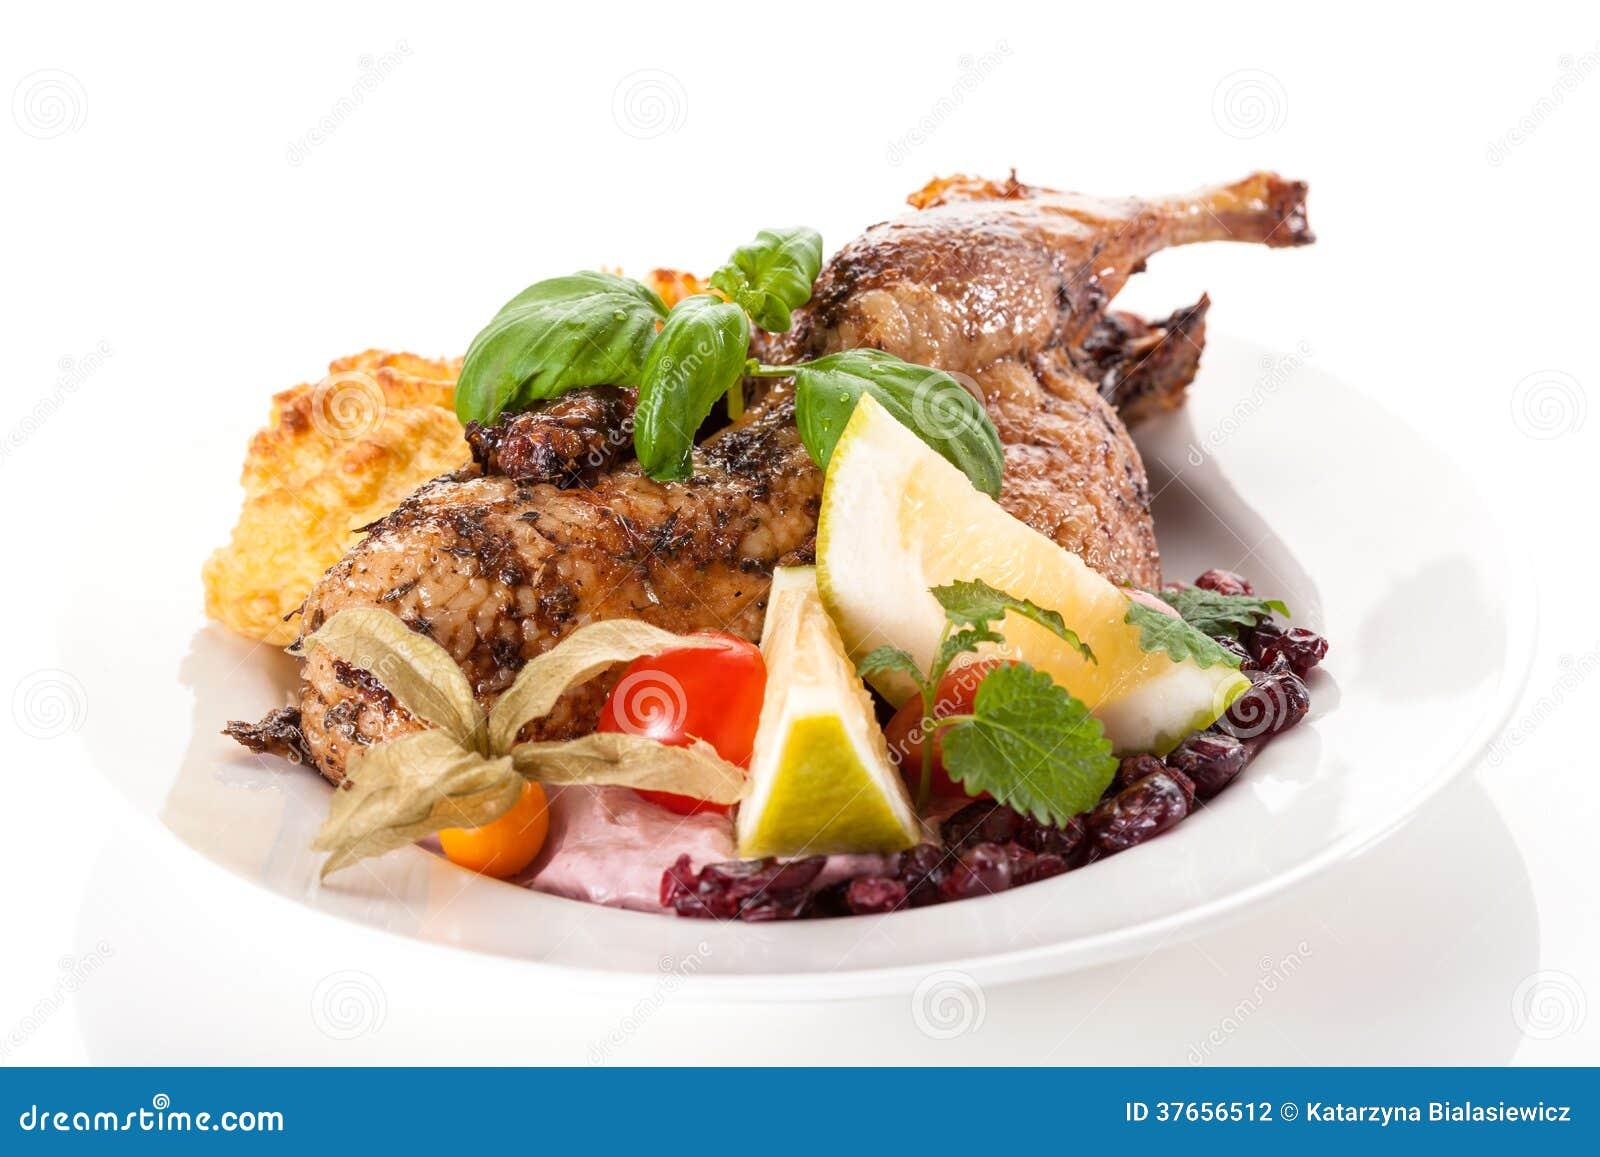 plat de restaurant aile de poulet avec des pommes de terre photographie stock image 37656512. Black Bedroom Furniture Sets. Home Design Ideas